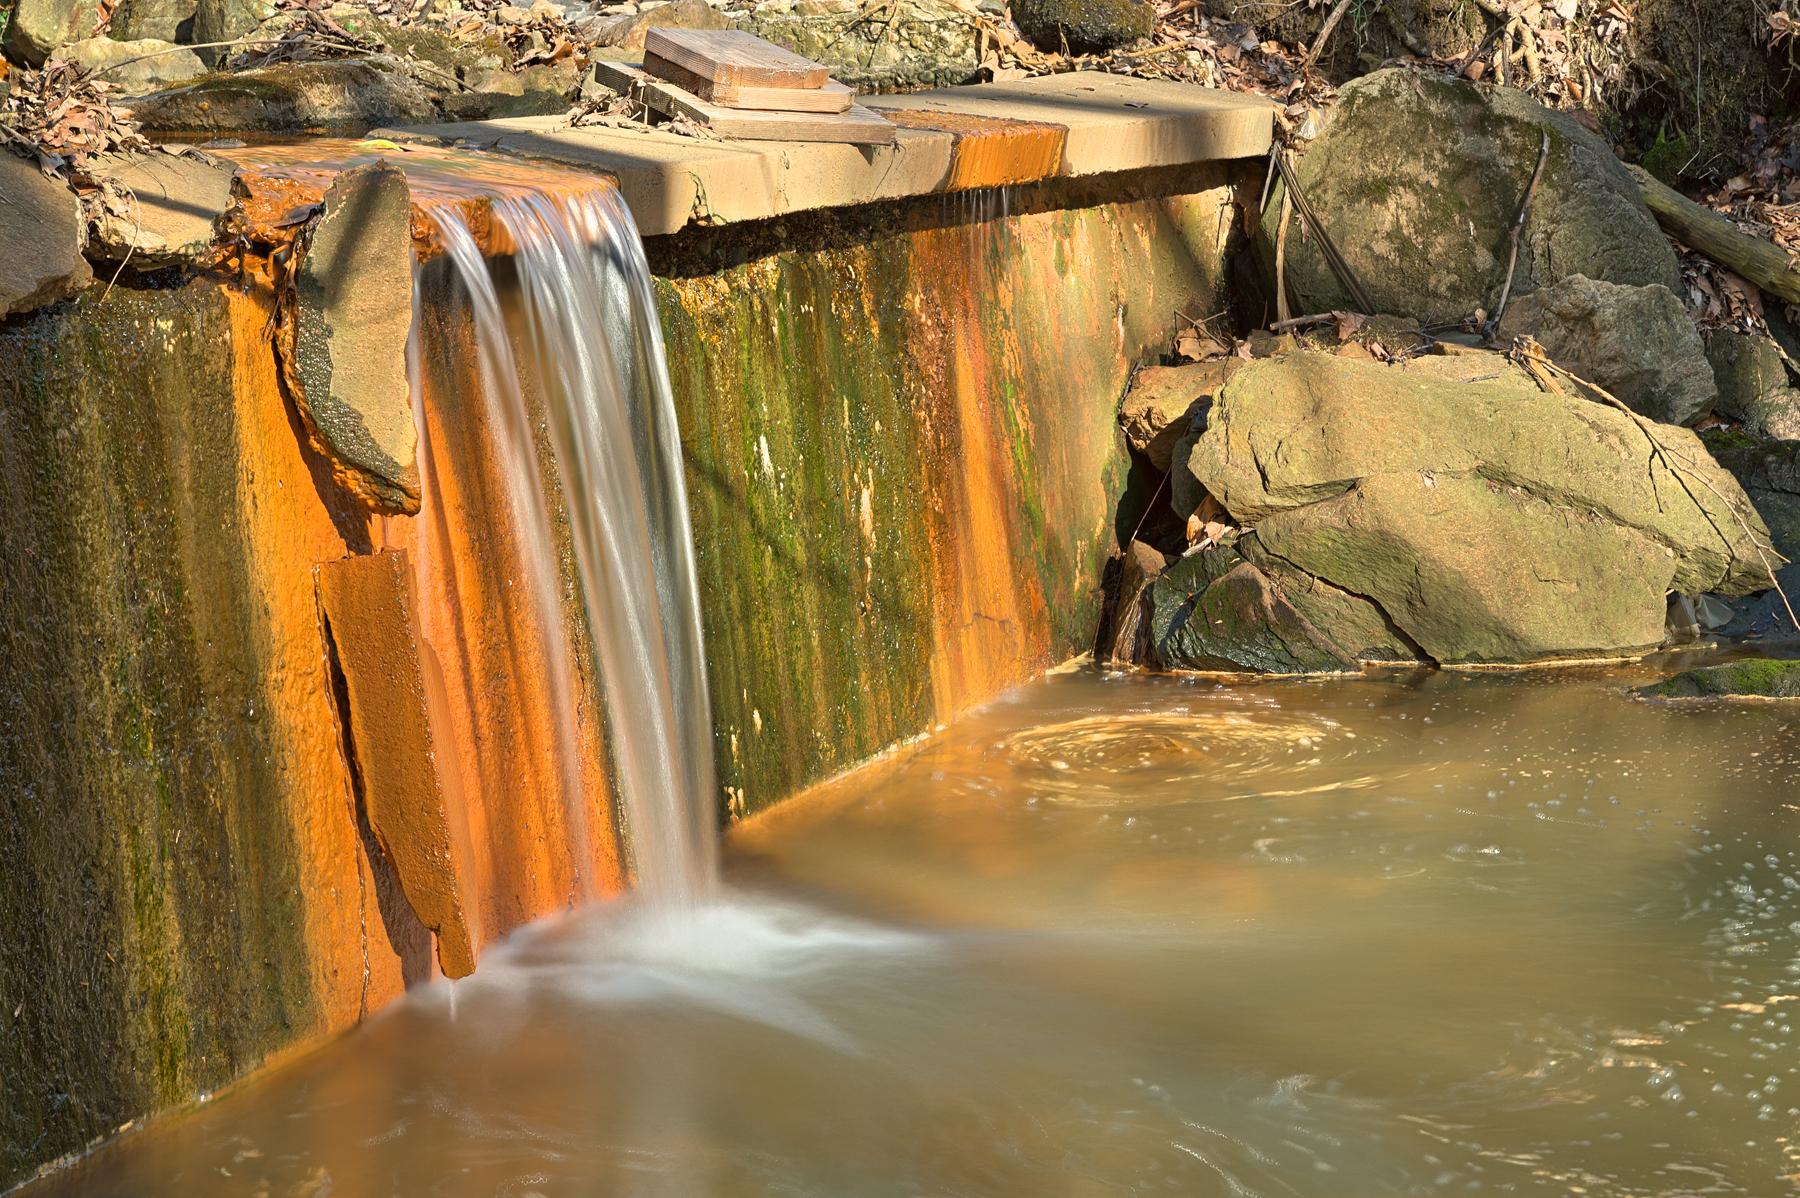 Urbex falls - hdr photo